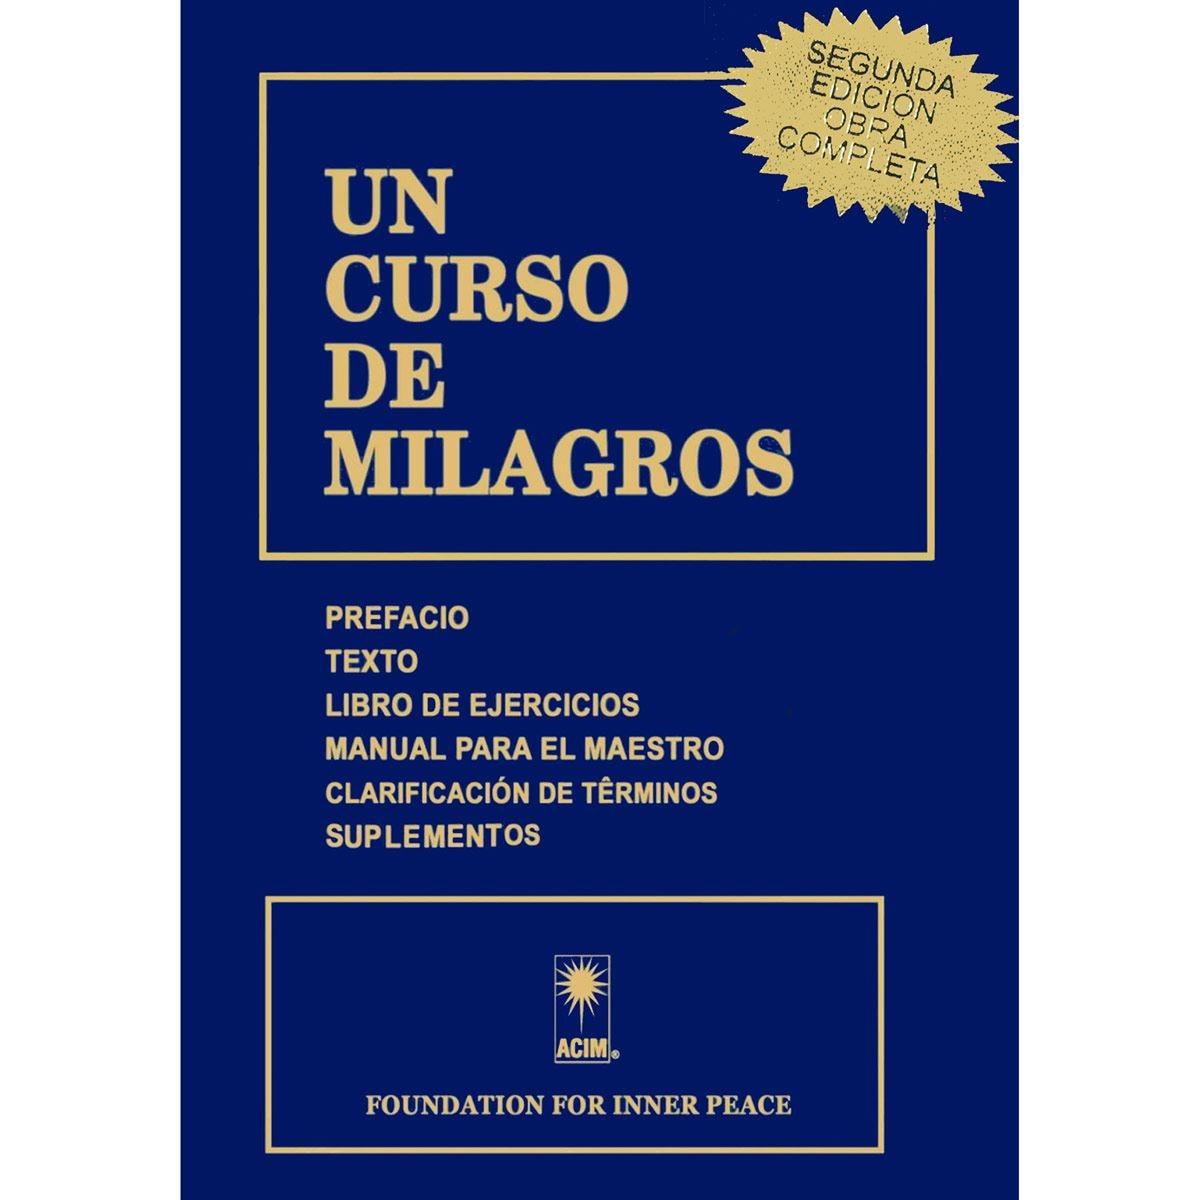 Un curso de milagros (2da edición)